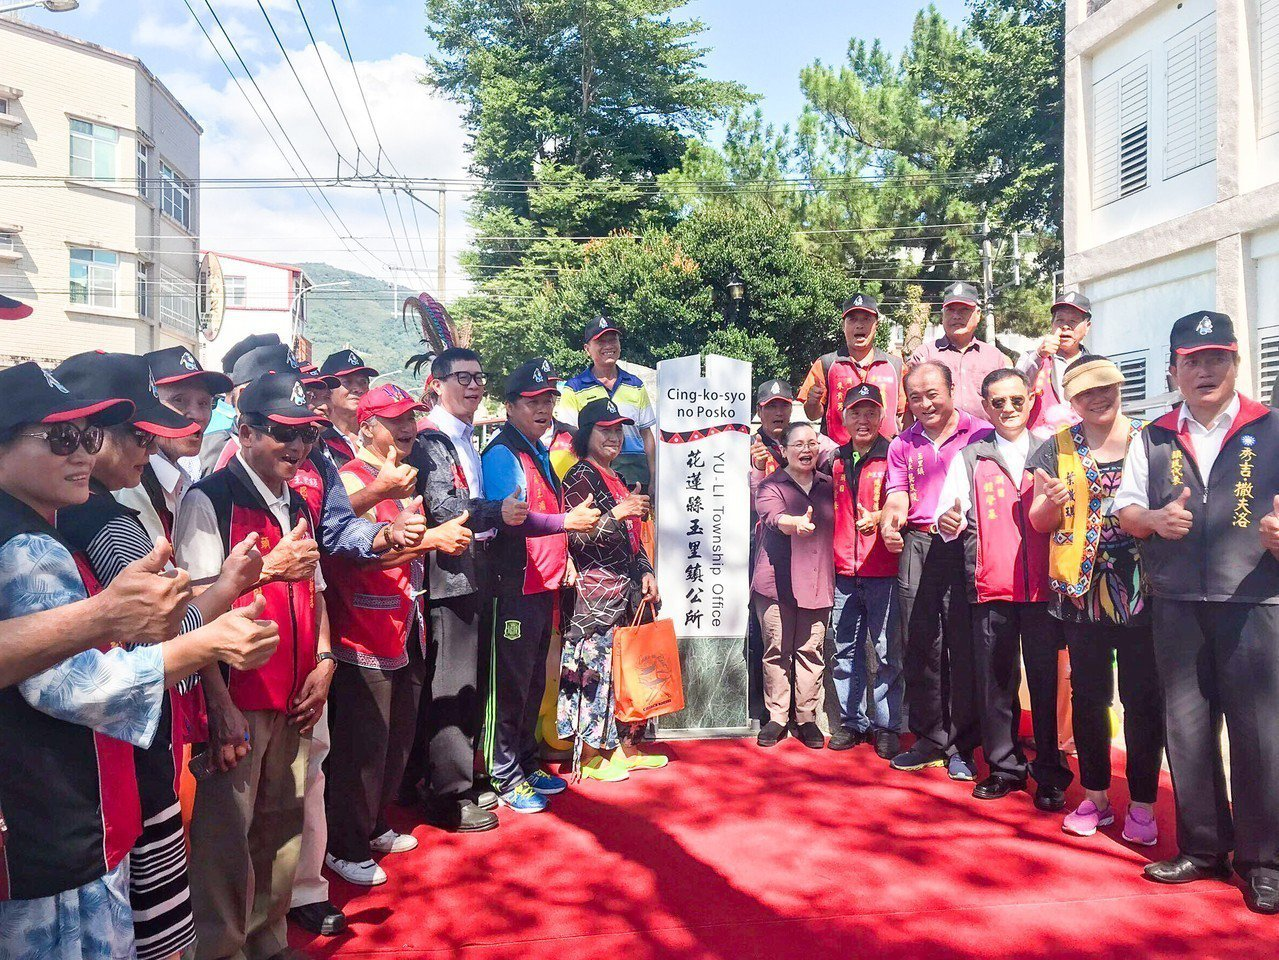 昨舉行「107年度原住民族地方通行語及傳統名稱標示計畫」揭牌儀式,原住民委員會副...